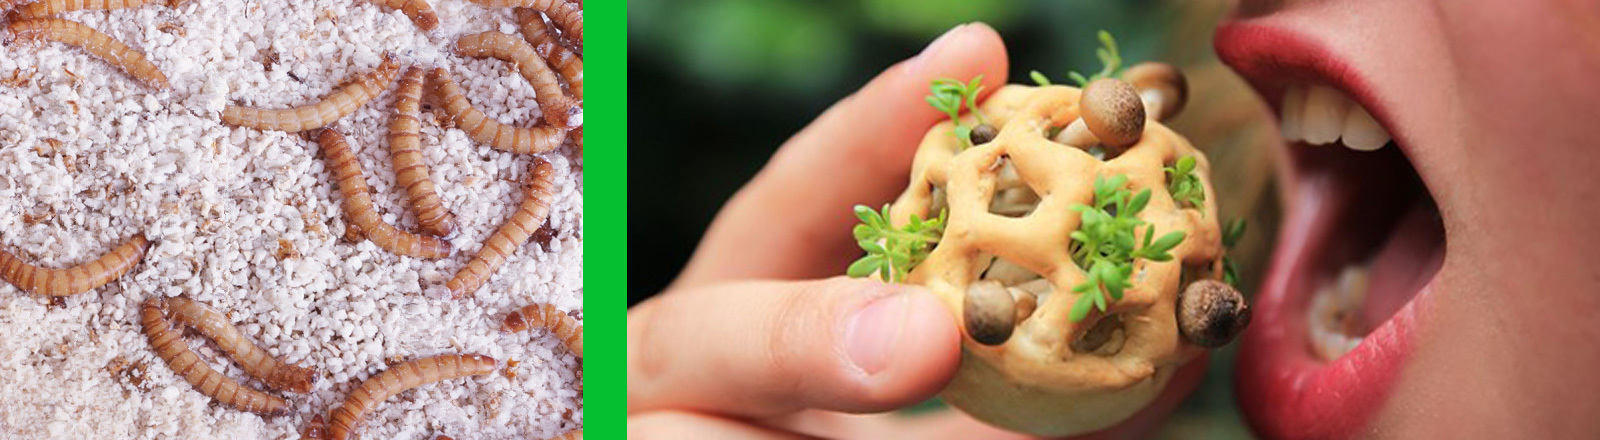 Collage aus zwei Fotos. Links sind Mehlwürmer abgebildet. Rechts beißt eine Frau in einen kleinen Kuchen, aus dem Pilze herauswachsen.